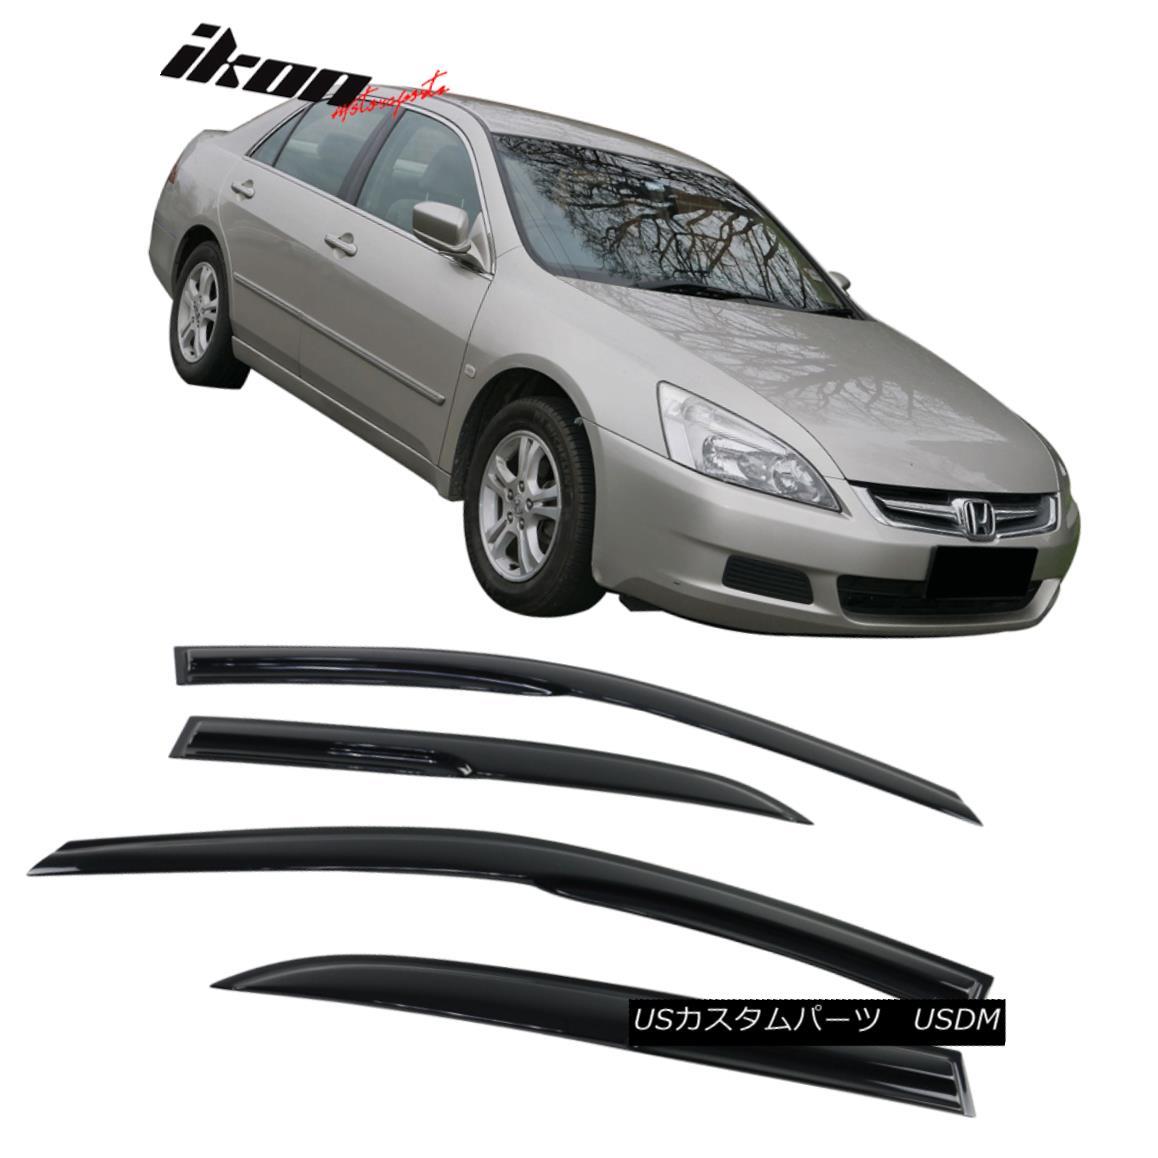 【在庫有】 エアロパーツ Fits 03-07 Honda Accord Sedan Mugen Style Acrylic Window Visors 4Pc Set フィット03-07ホンダアコードセダンムゲンスタイルアクリル窓バイザー4個セット, キイナガシマチョウ cfa09fd7